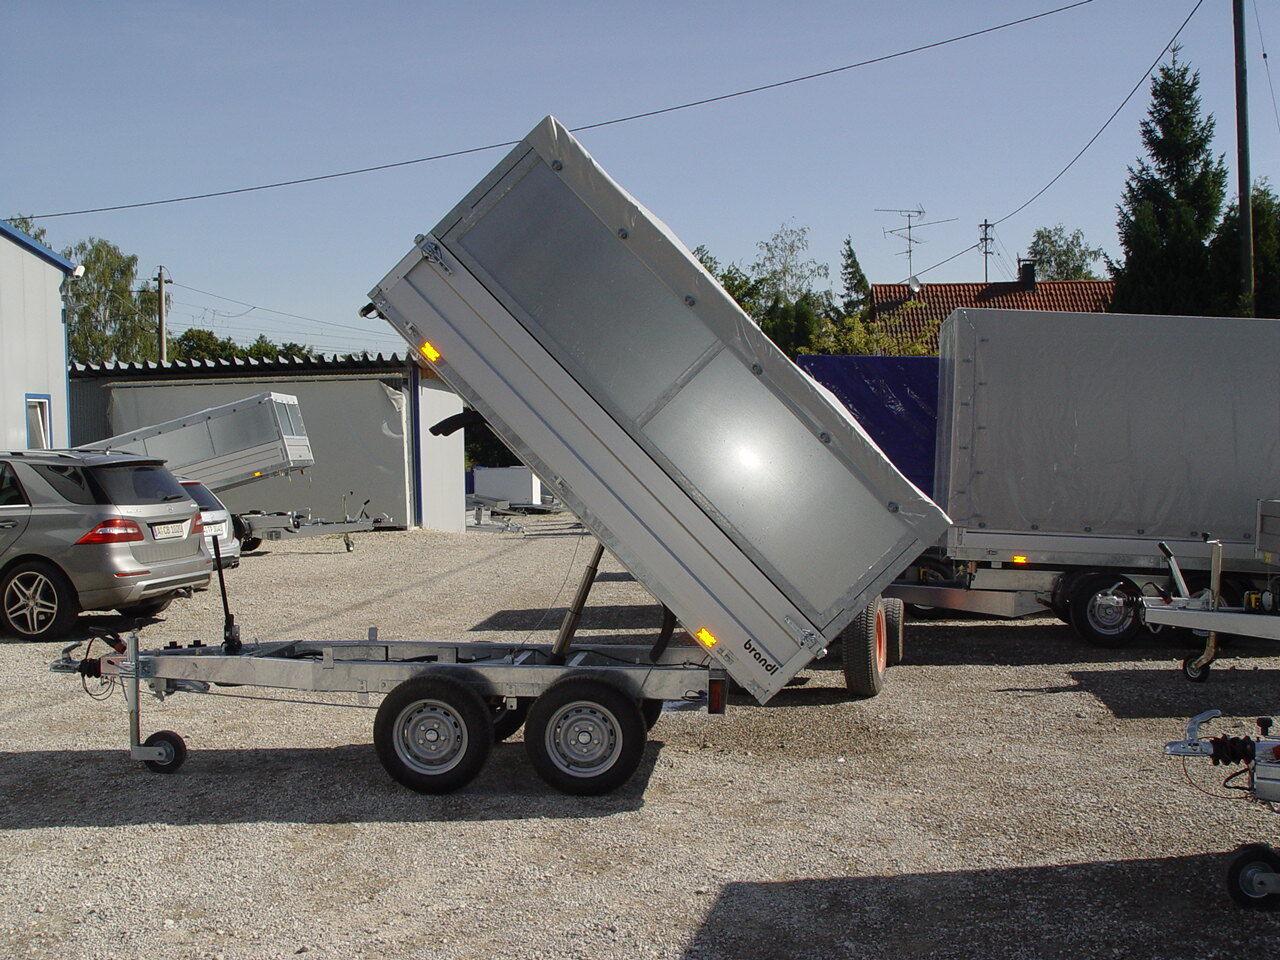 2700kg kipper heckkipper r ckw rtskipper pkw anh nger. Black Bedroom Furniture Sets. Home Design Ideas